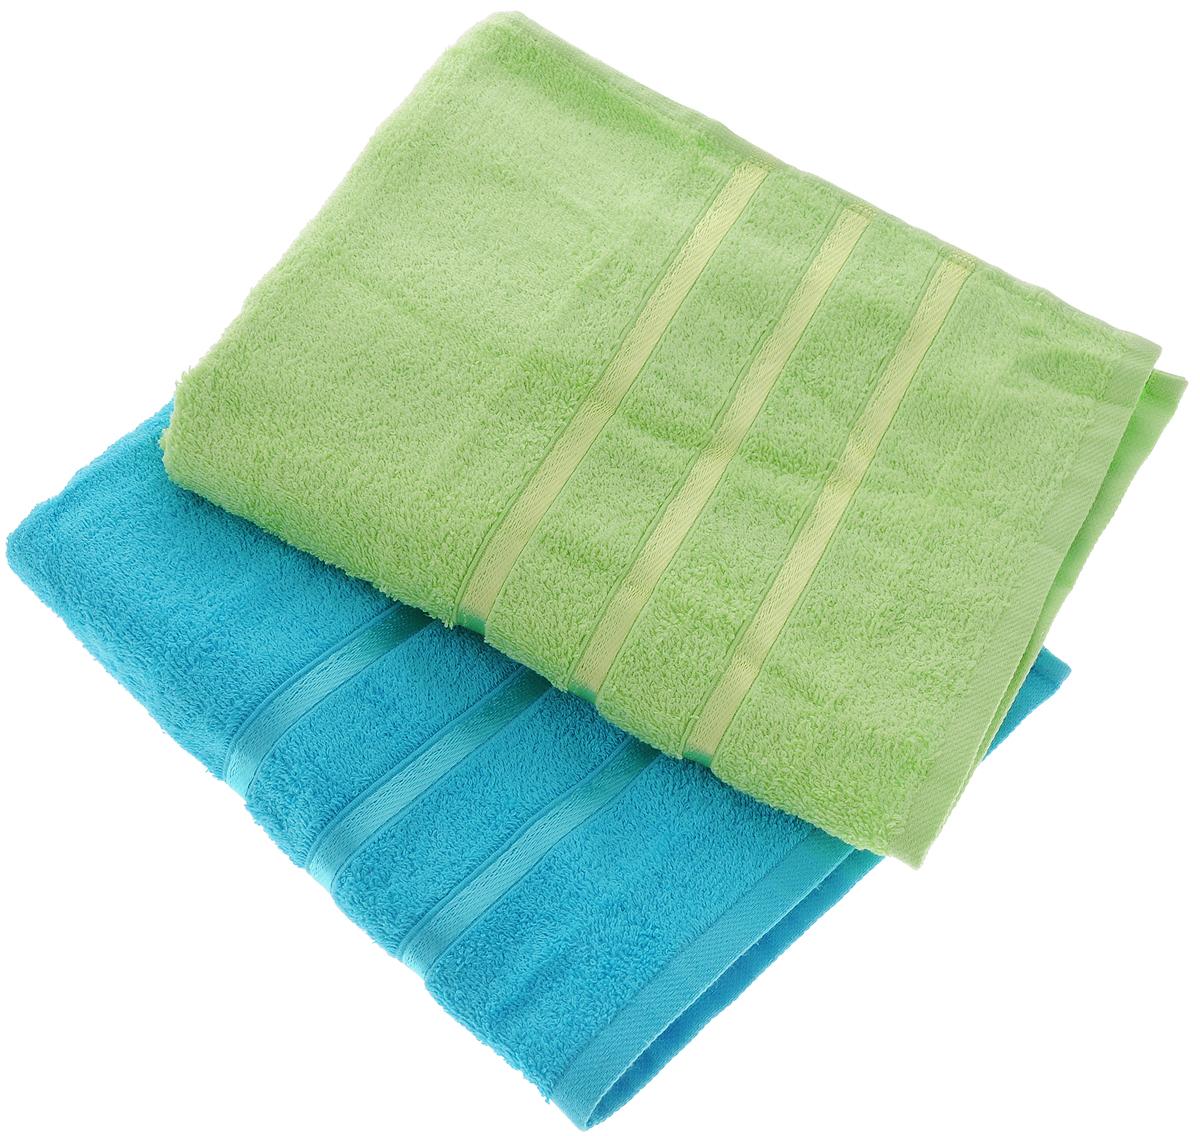 Набор полотенец Tete-a-Tete Ленты, цвет: зеленый, бирюзовый, 50 х 85 см, 2 шт68/5/3Набор Tete-a-tete Ленты состоит из двух махровых полотенец, выполненных из натурального 100% хлопка. Бордюр полотенец декорирован лентами. Изделия мягкие, отлично впитывают влагу, быстро сохнут, сохраняют яркость цвета и не теряют форму даже после многократных стирок. Полотенца Tete-a-tete Ленты очень практичны и неприхотливы в уходе. Они легко впишутся в любой интерьер благодаря своей нежной цветовой гамме. Набор упакован в красивую коробку и может послужить отличной идеей для подарка.Размер полотенец: 50 х 85 см.